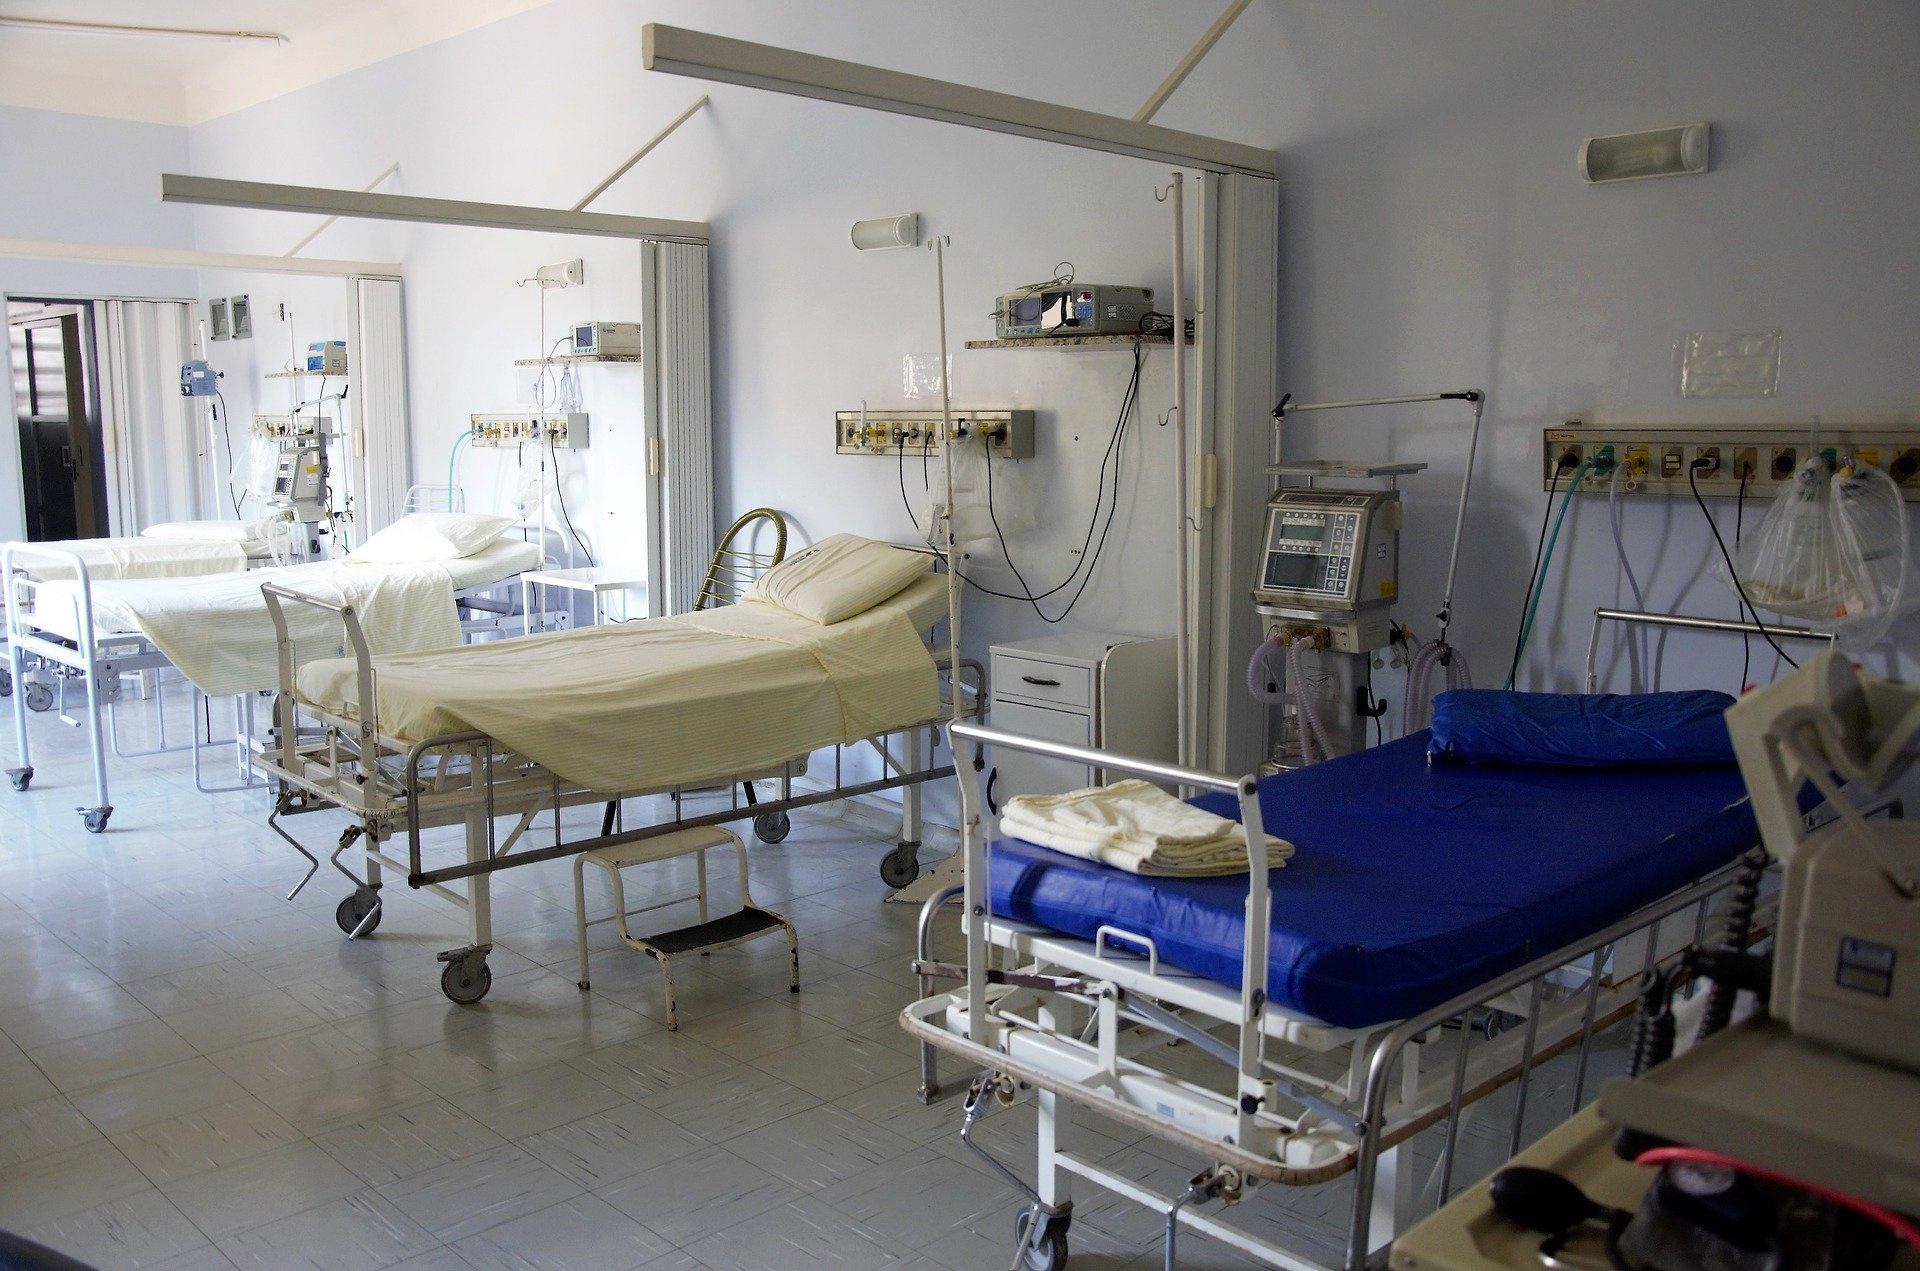 Ученые объяснили, как за пару часов в неделю снизить вероятность госпитализации при CoViD-19 в три раза